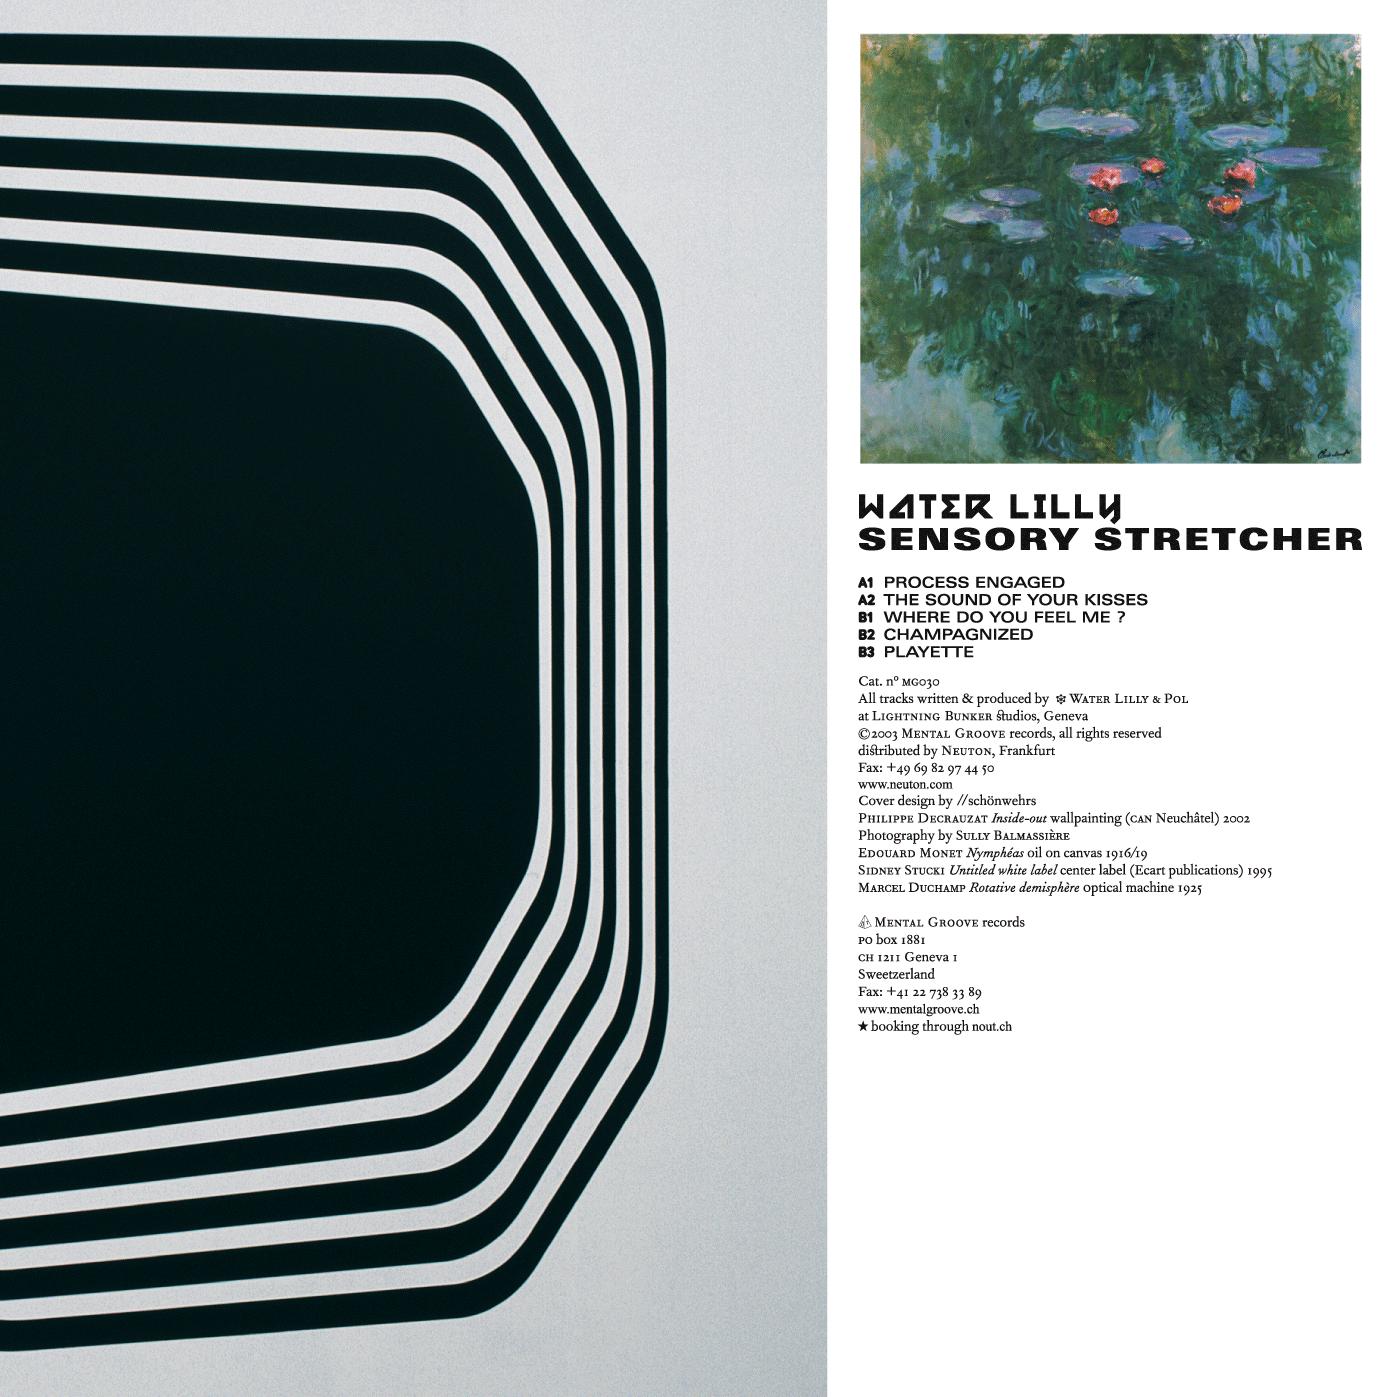 Couverture d'un EP de Water Lilly. L'image de gauche, qui s'étend sur le verso, est une peinture murale de Philippe Decrauzat. En tant que Schönwehrs.